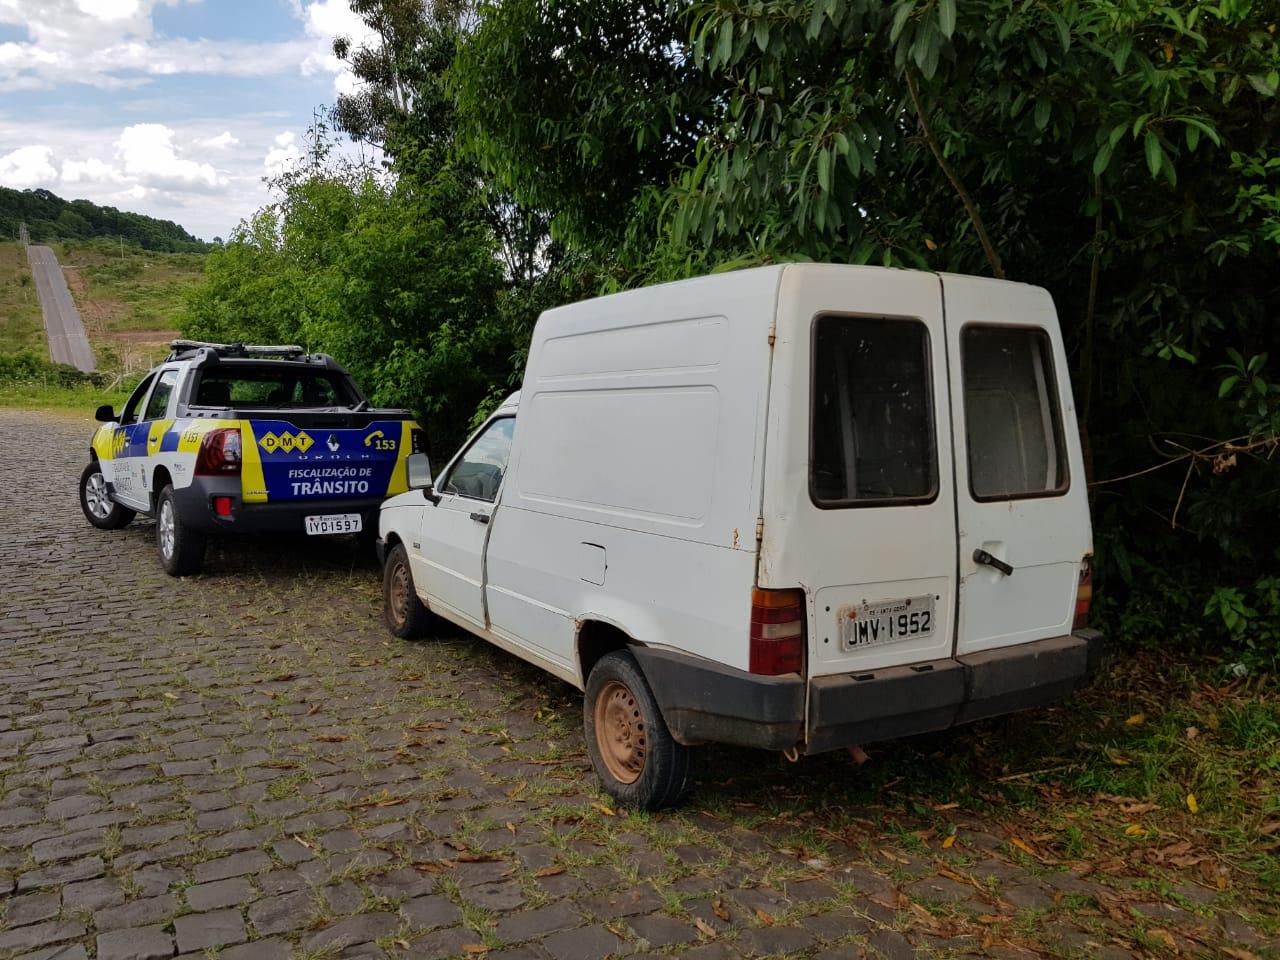 Agentes do DMT localizam veículo em condição de furto/roubo em Bento